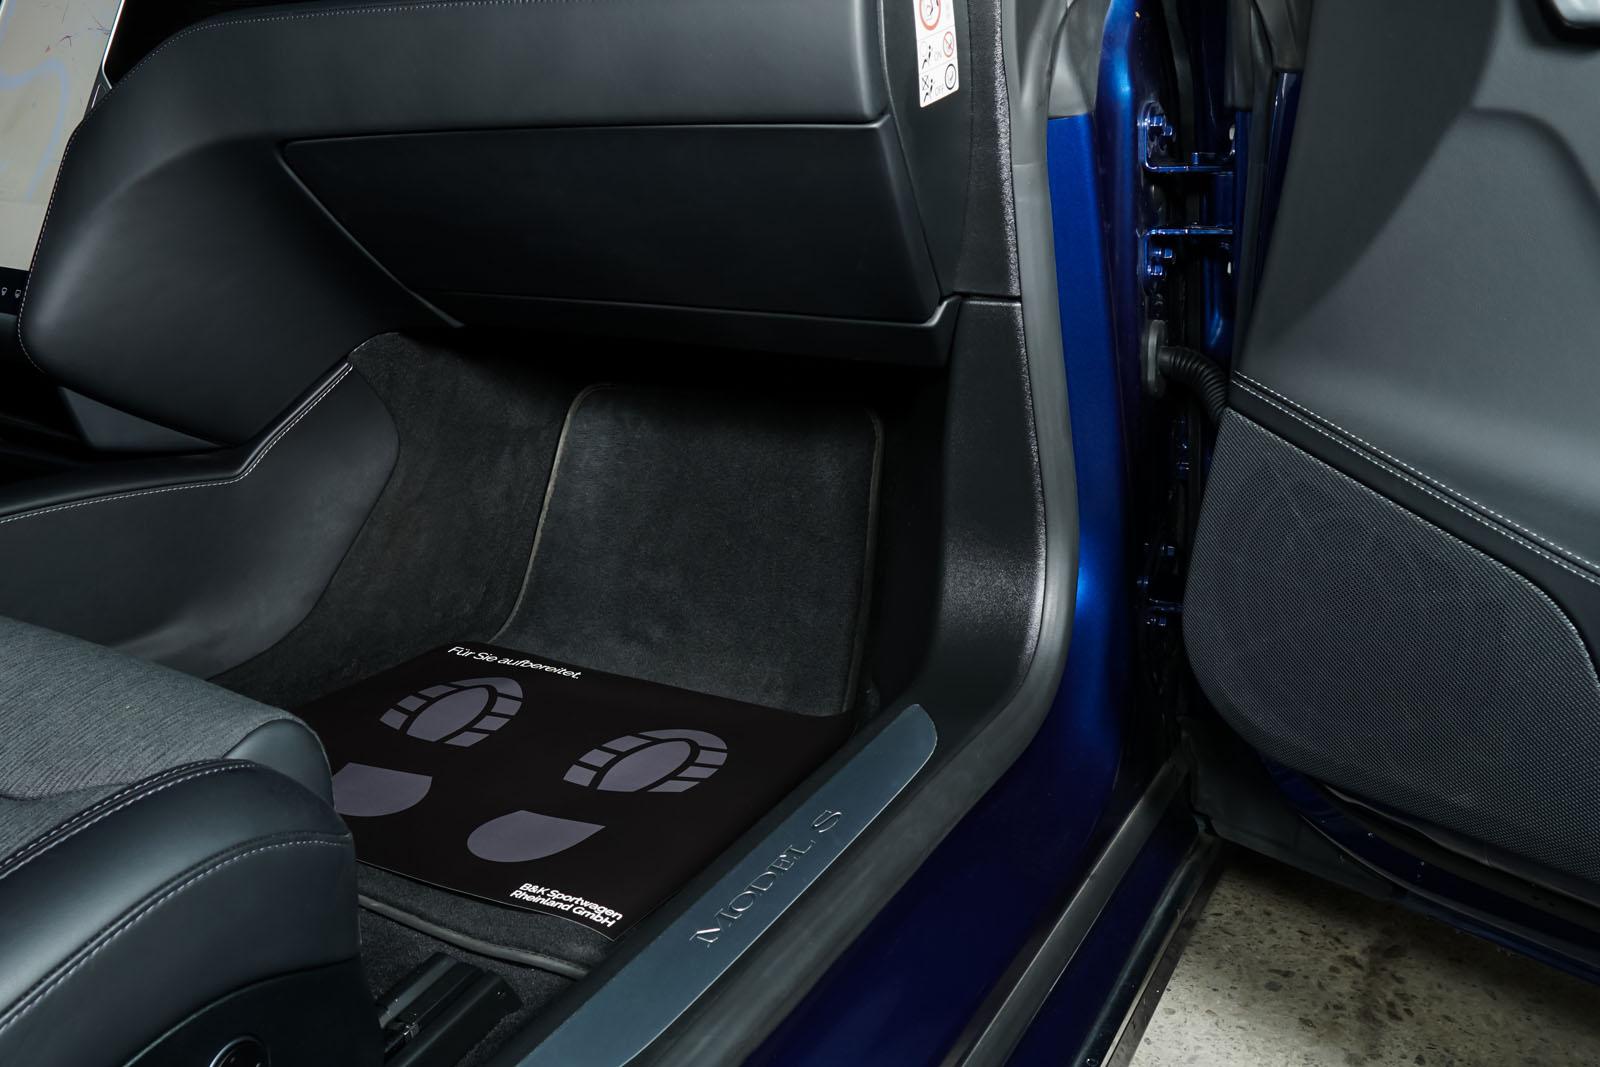 Tesla_ModelS_75RWD_Blau_Schwarz_TES-5563_15_w